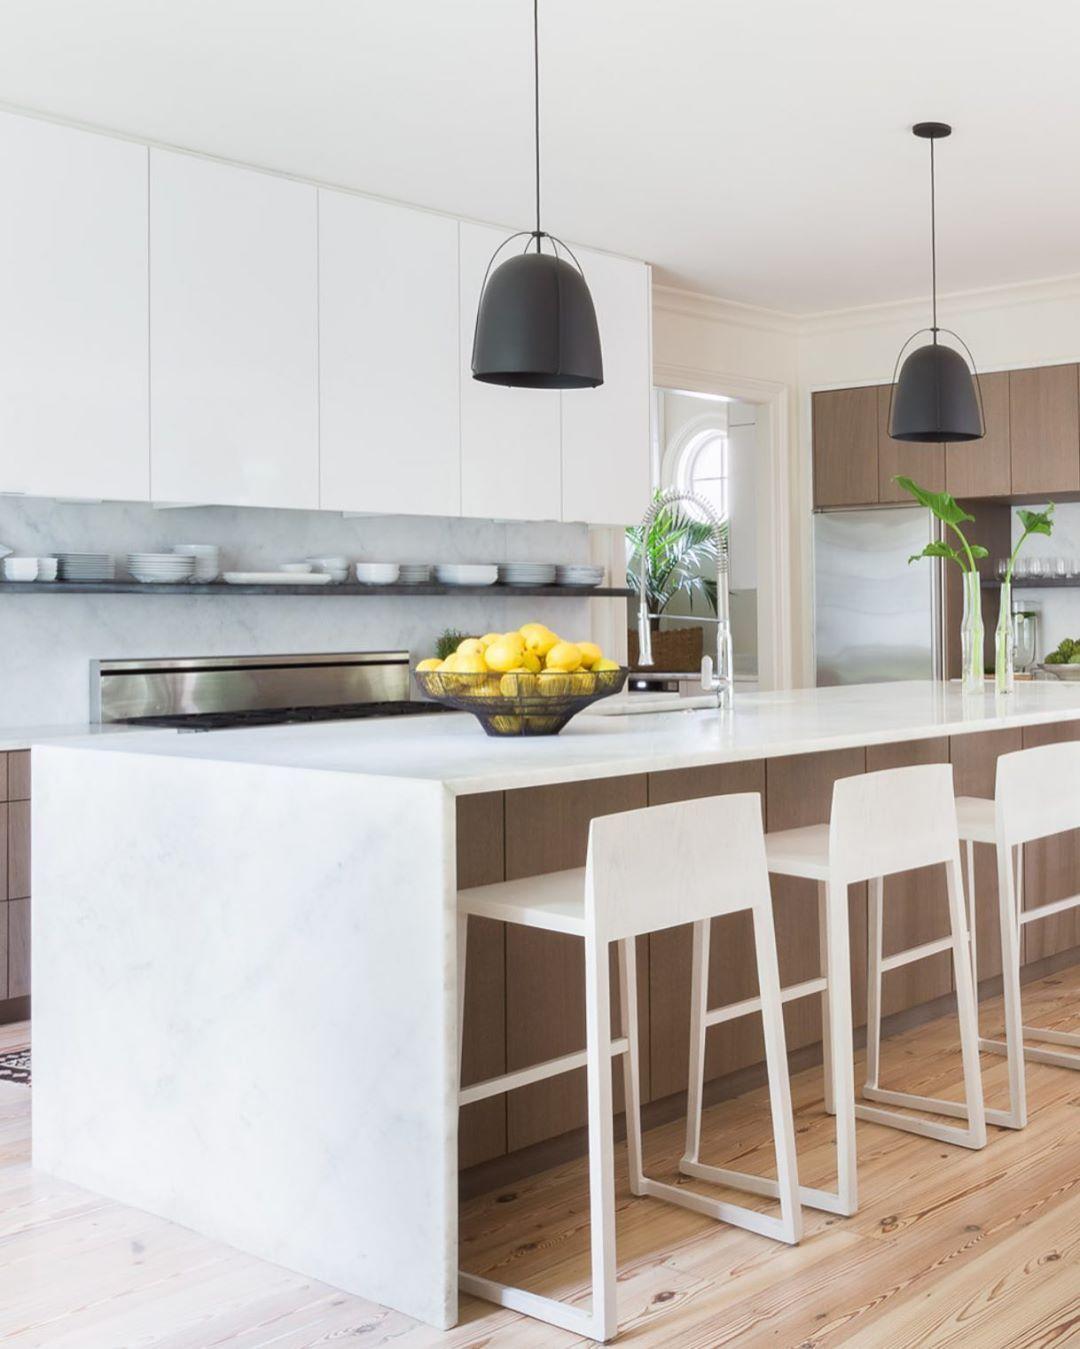 Sean Anderson On Instagram Bright White W Archdigest Photo Alyssarosenheck In 2020 Architectural Digest Kitchen Architectural Digest Modern Kitchen